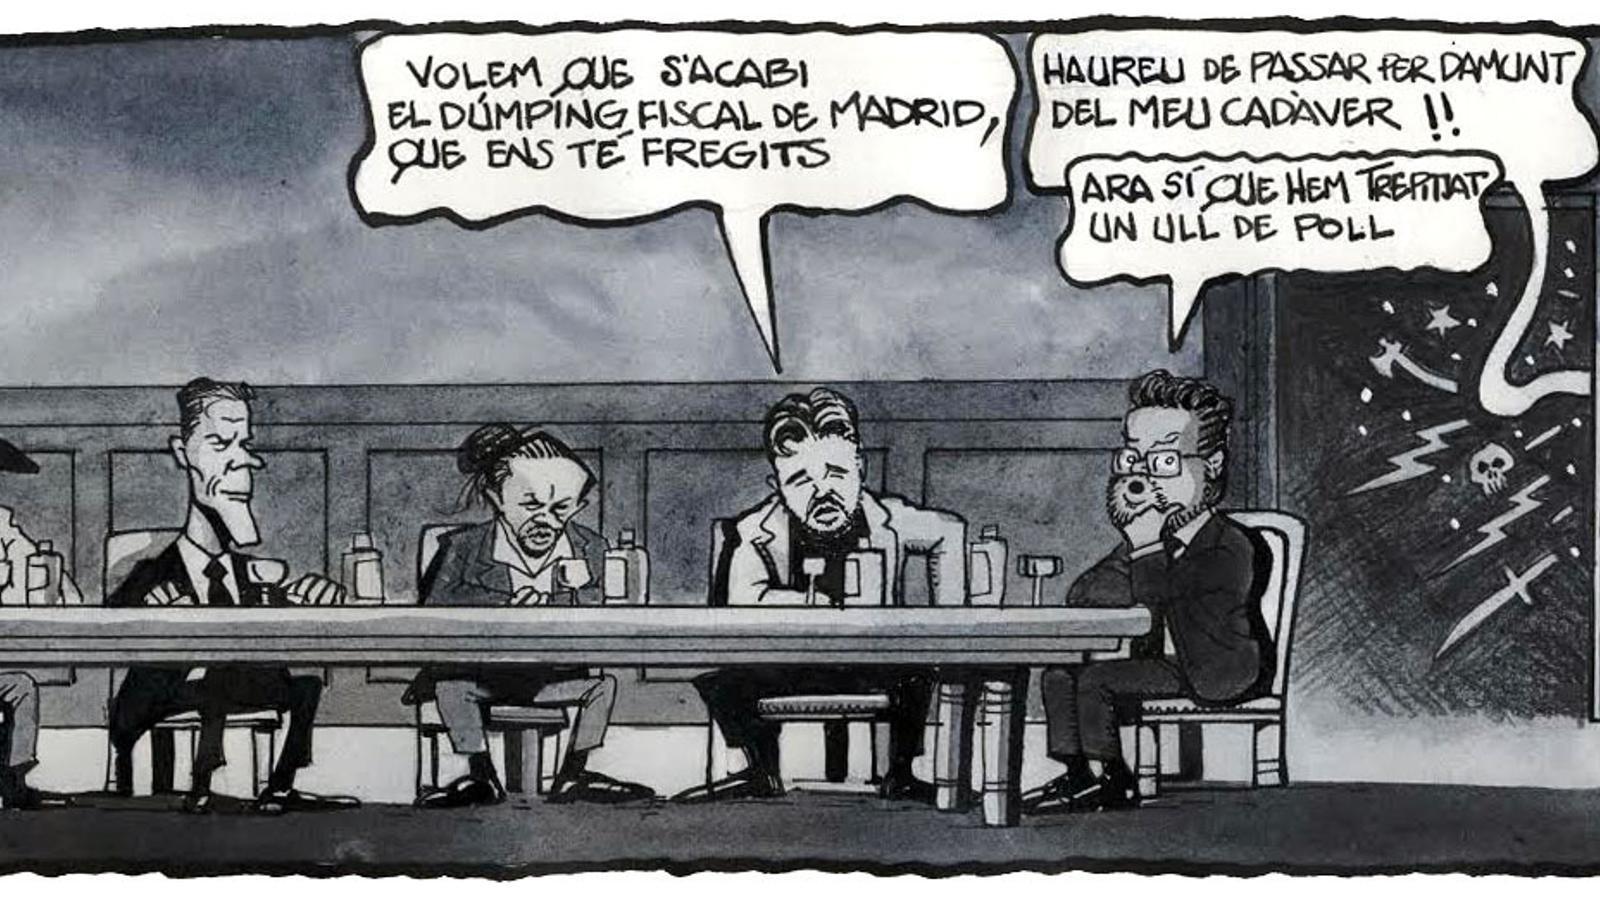 'A la contra', per Ferreres 28/11/2020